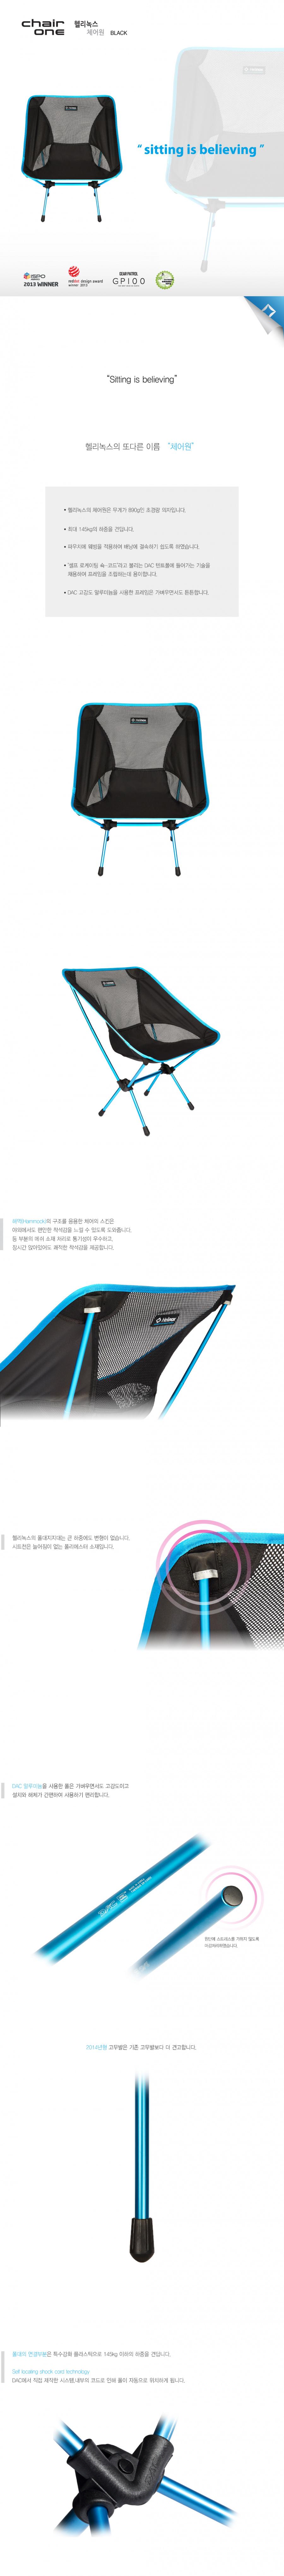 헬리녹스(HELINOX) 체어 원 - 블랙